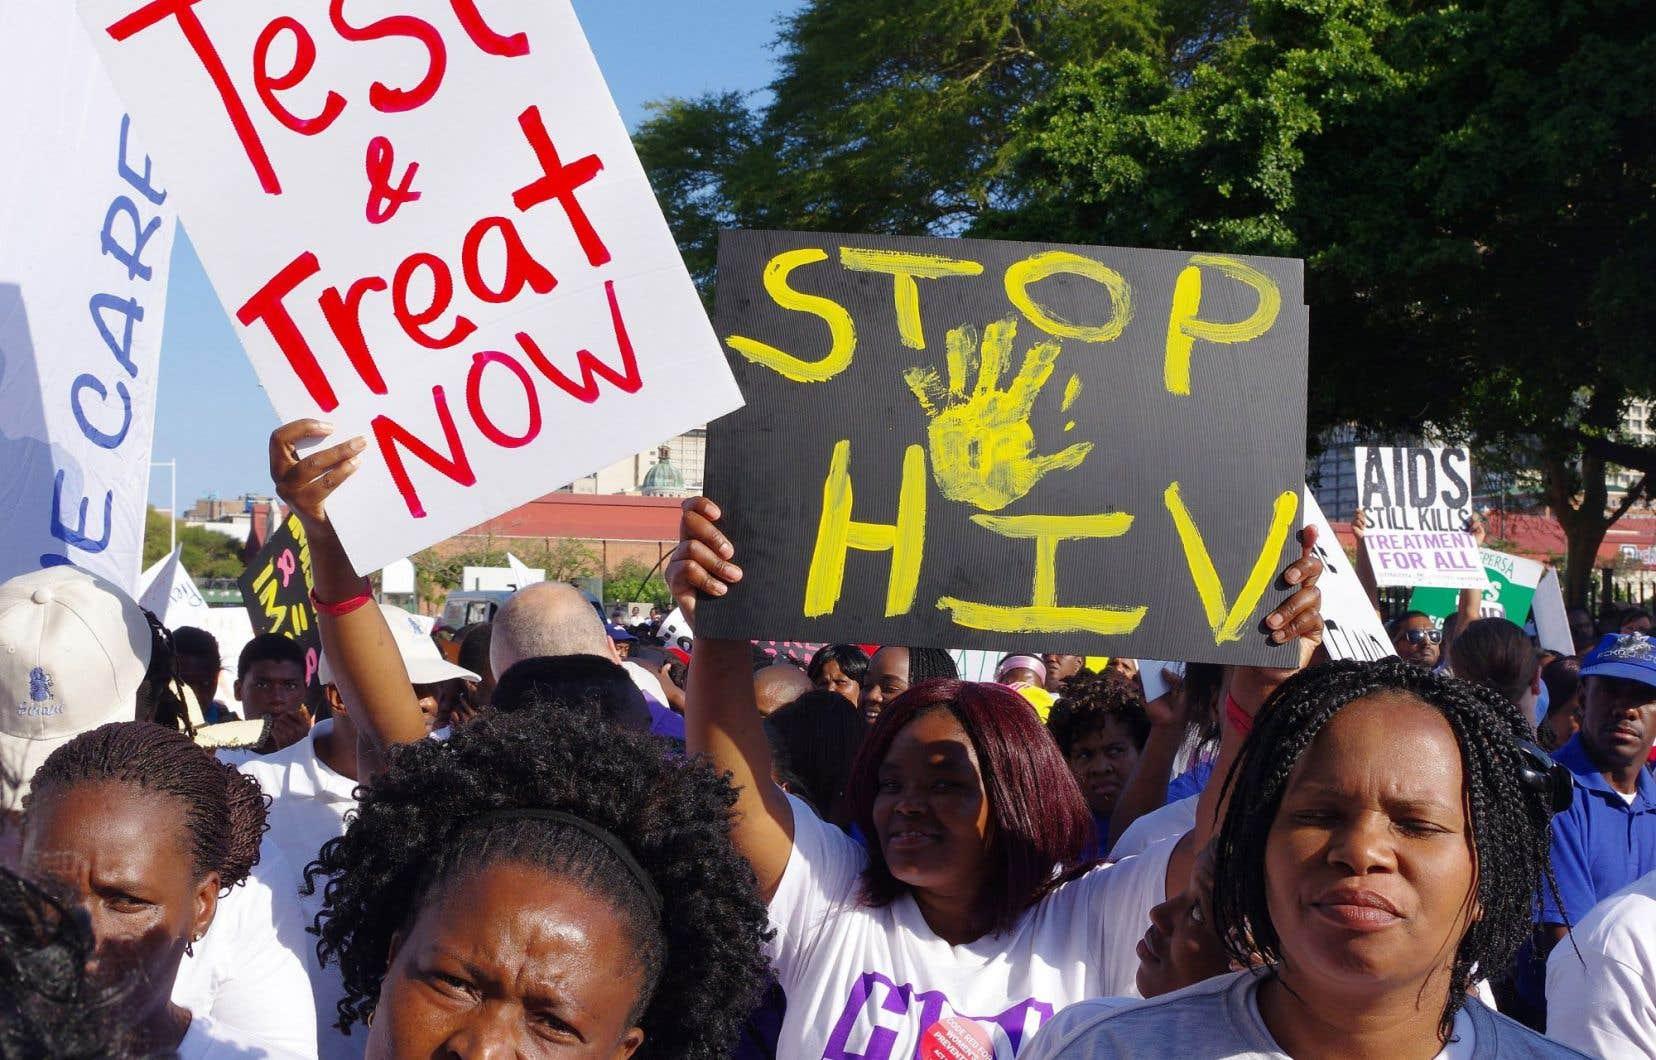 Des manifestations ont eu lieu en marge du congrès pour faire pression sur les décisionnaires.